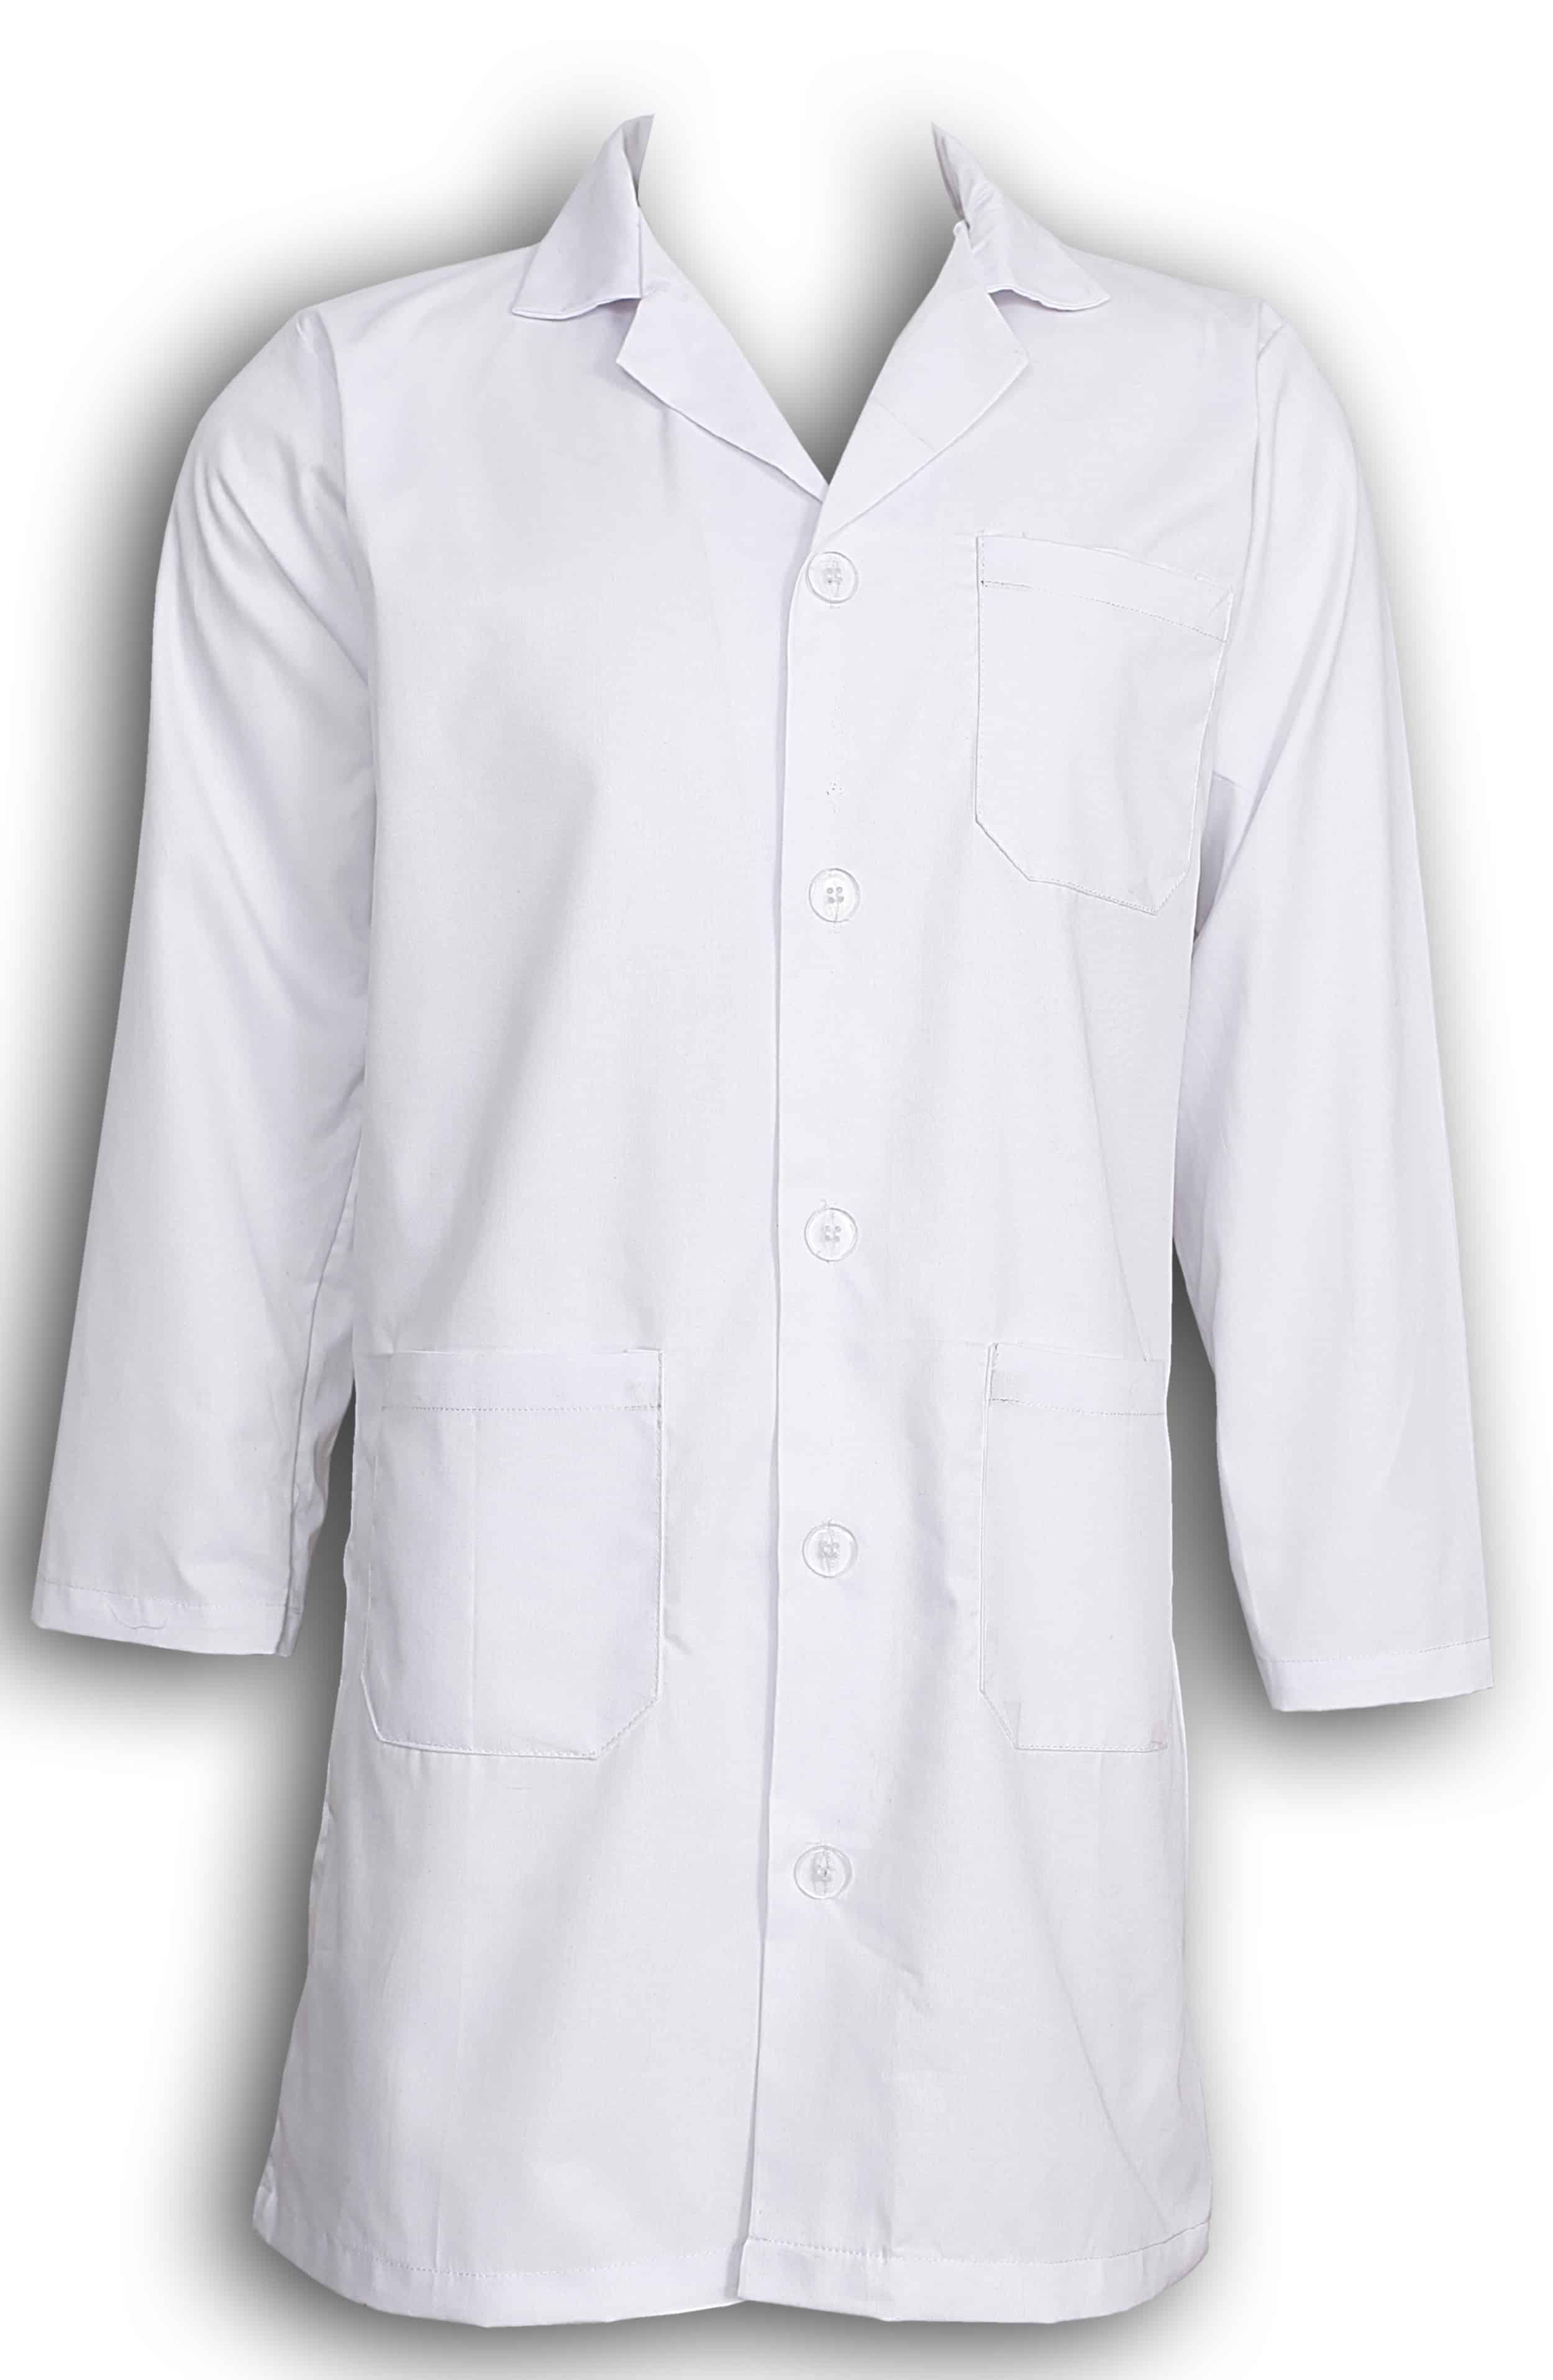 Unisex White Lab Coat Laboratory Coat Warehouse Coat